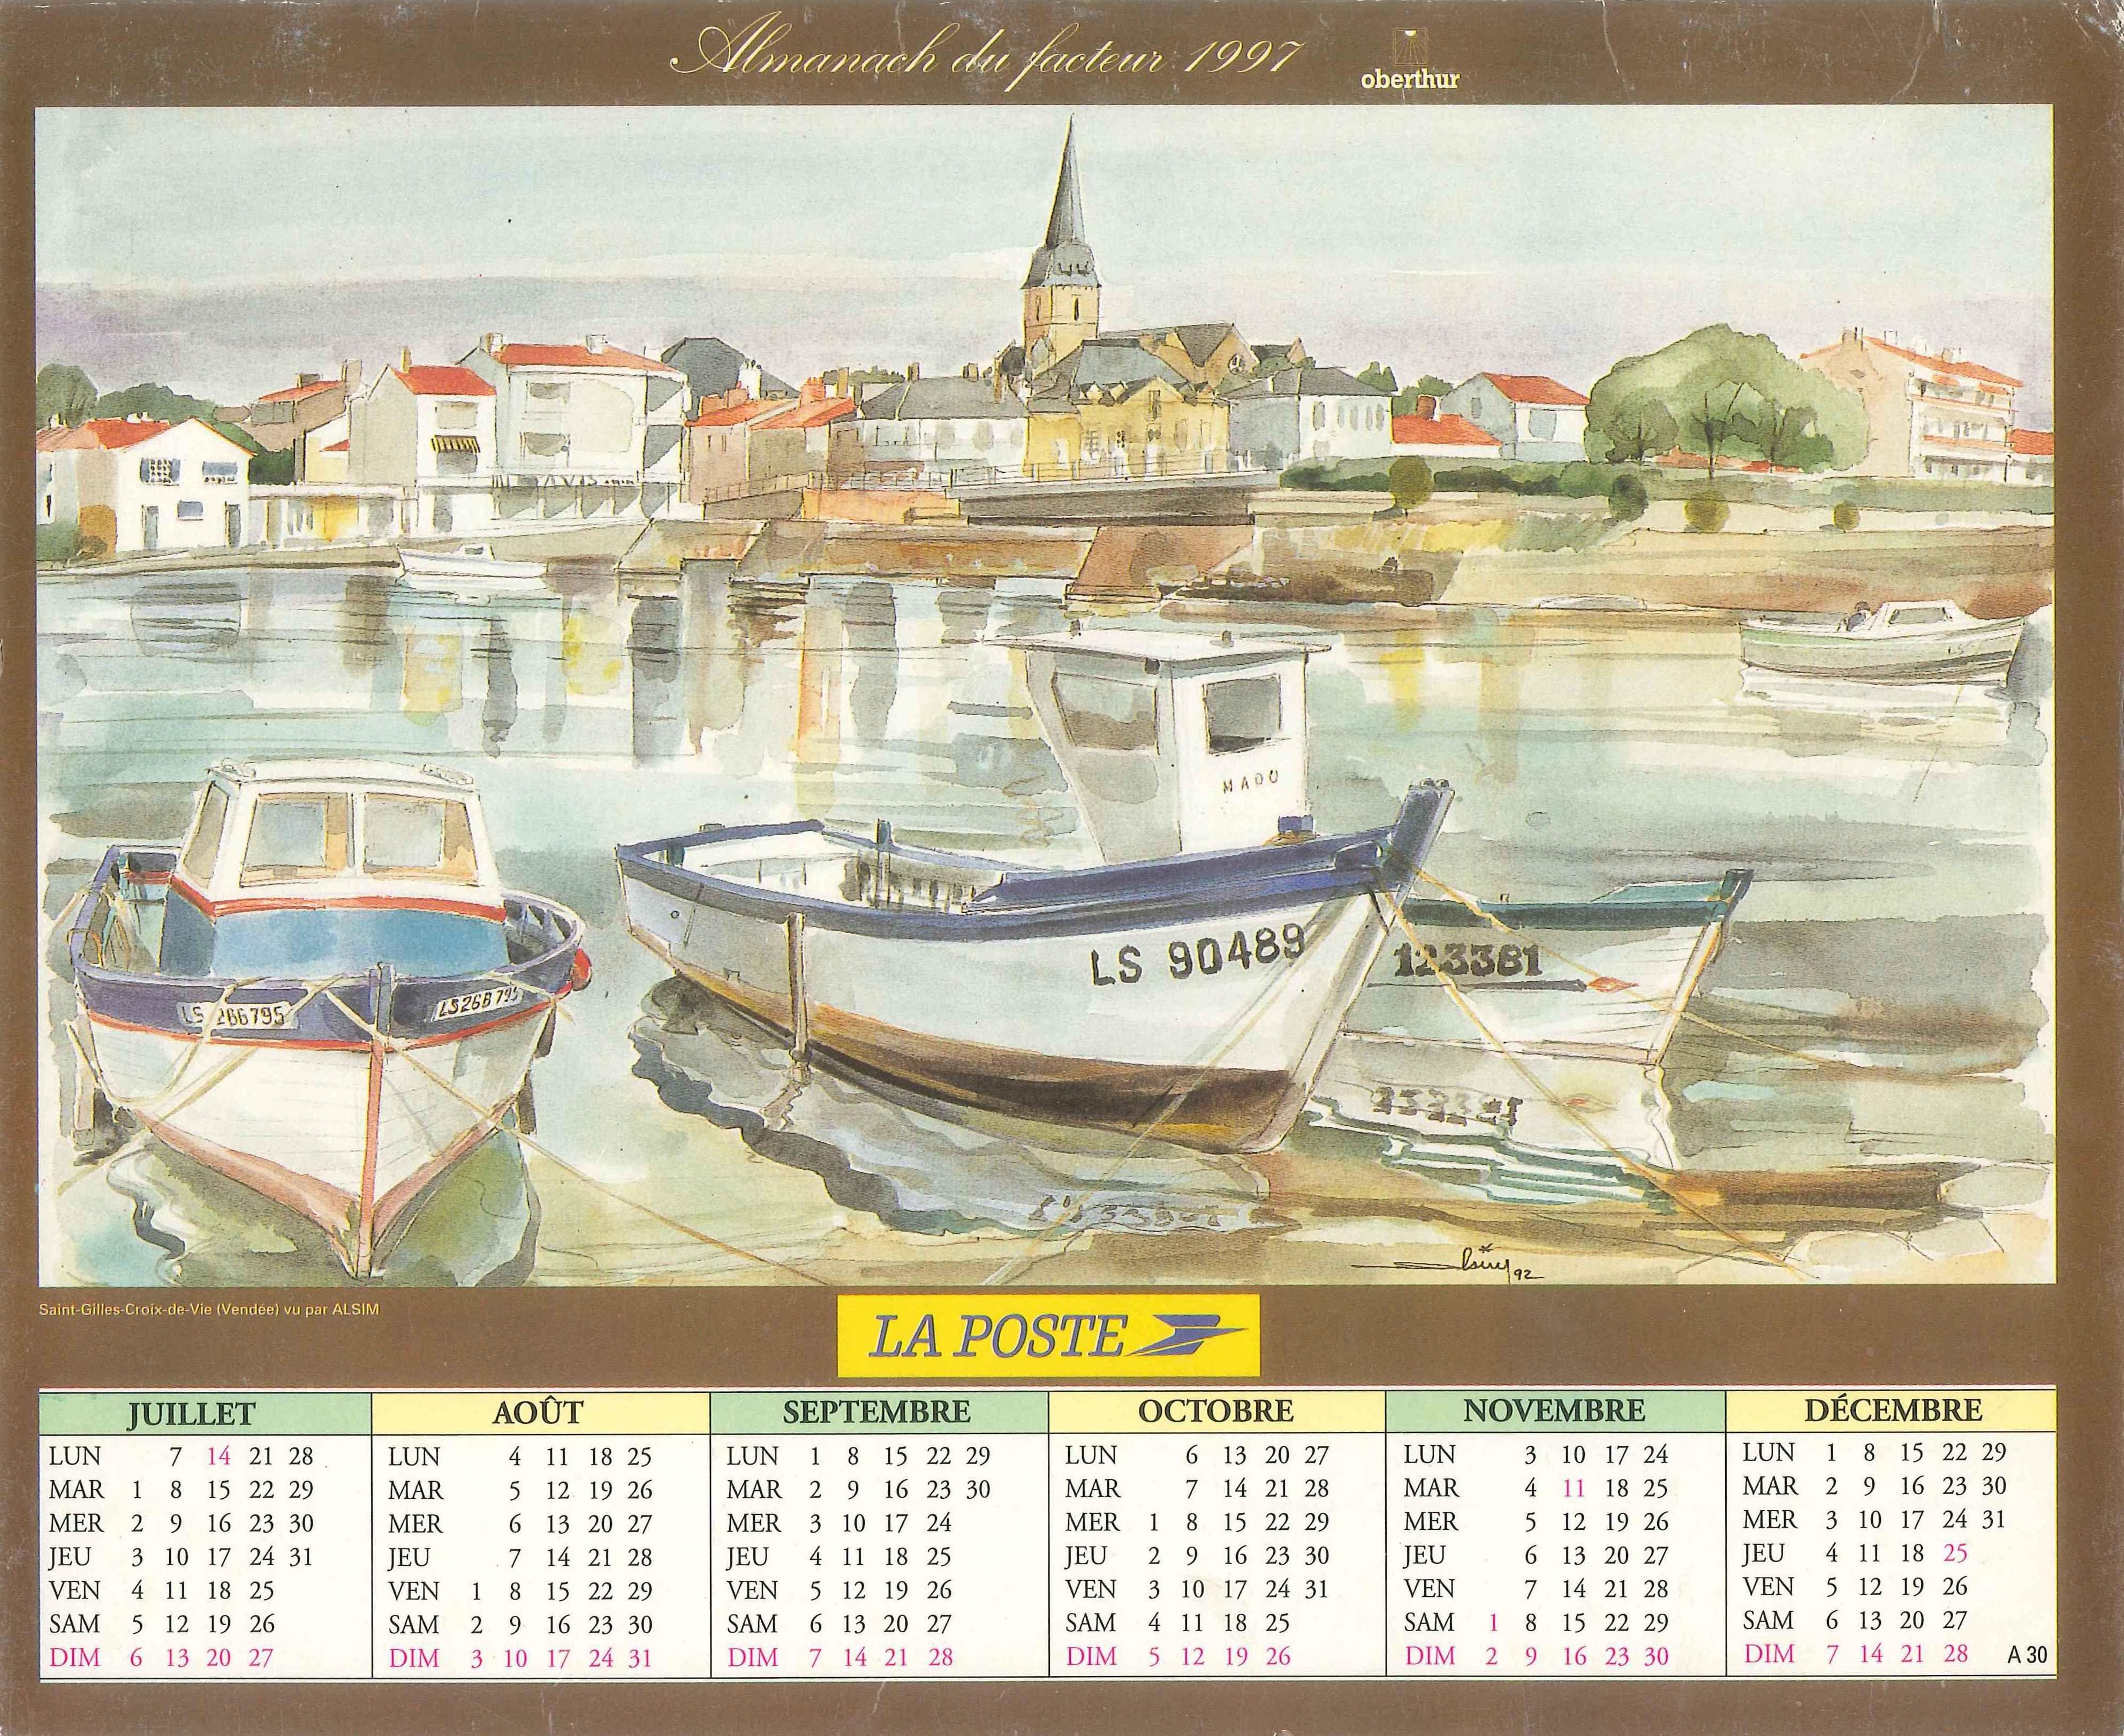 Almanach Des Postes 1997 2eme Semestre La Poste Banque Postale Postale